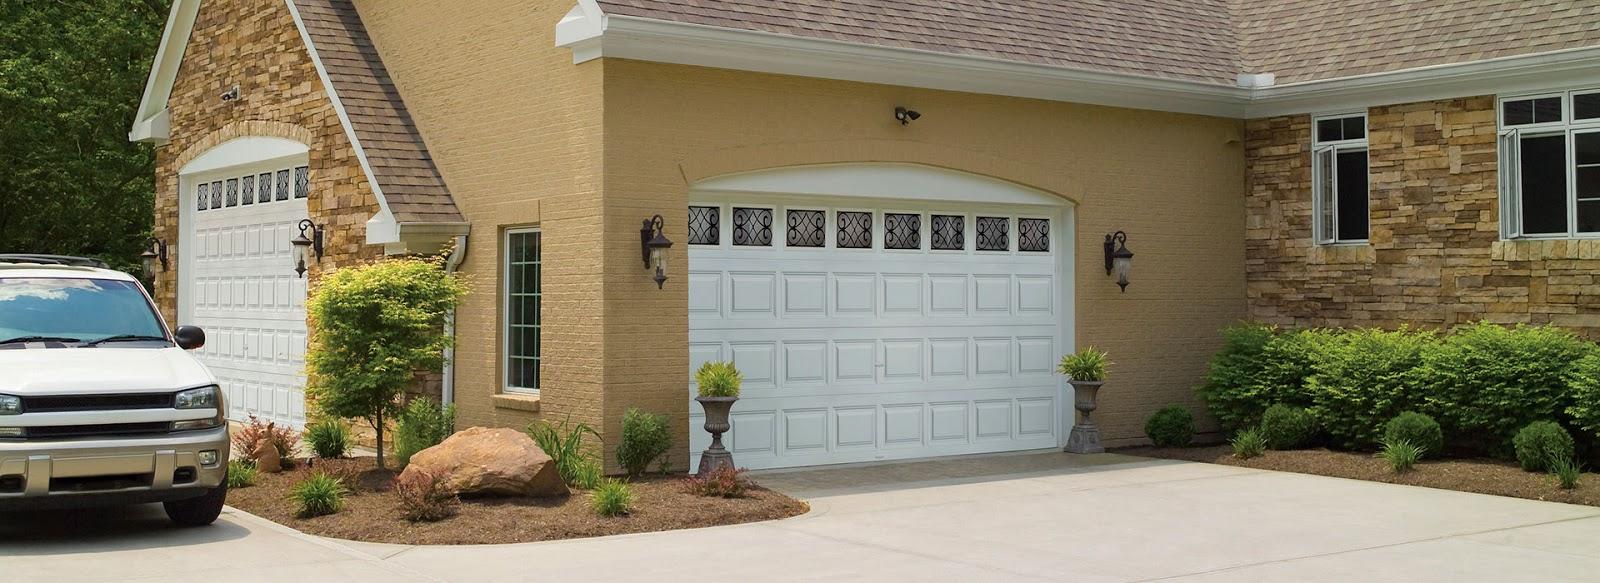 Garage Door Opener Repair Technicians On Carter Dr.